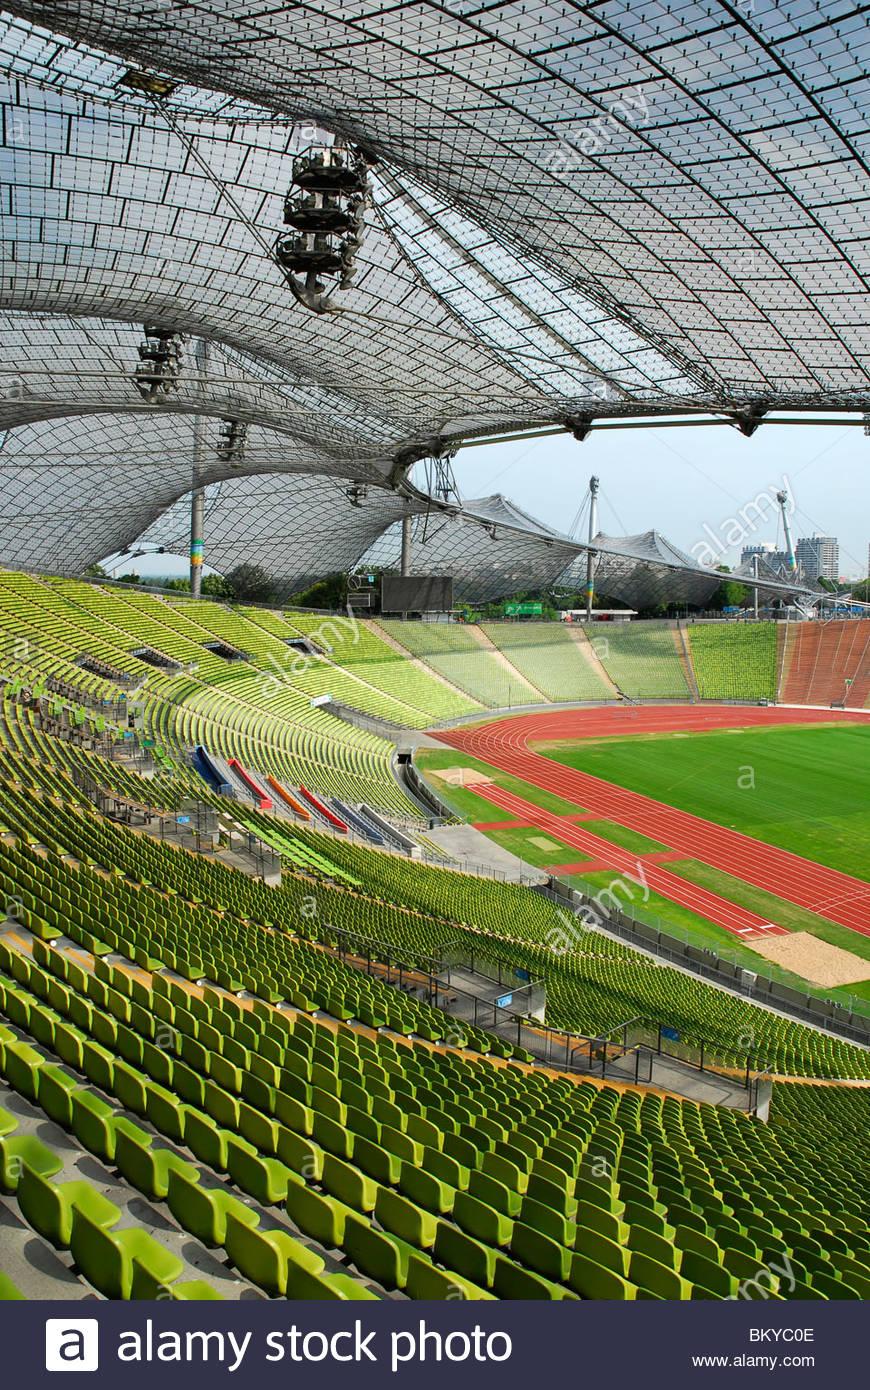 Olympiastadion (Olympic Stadium), Munich, Bavaria, Germany - Stock Image